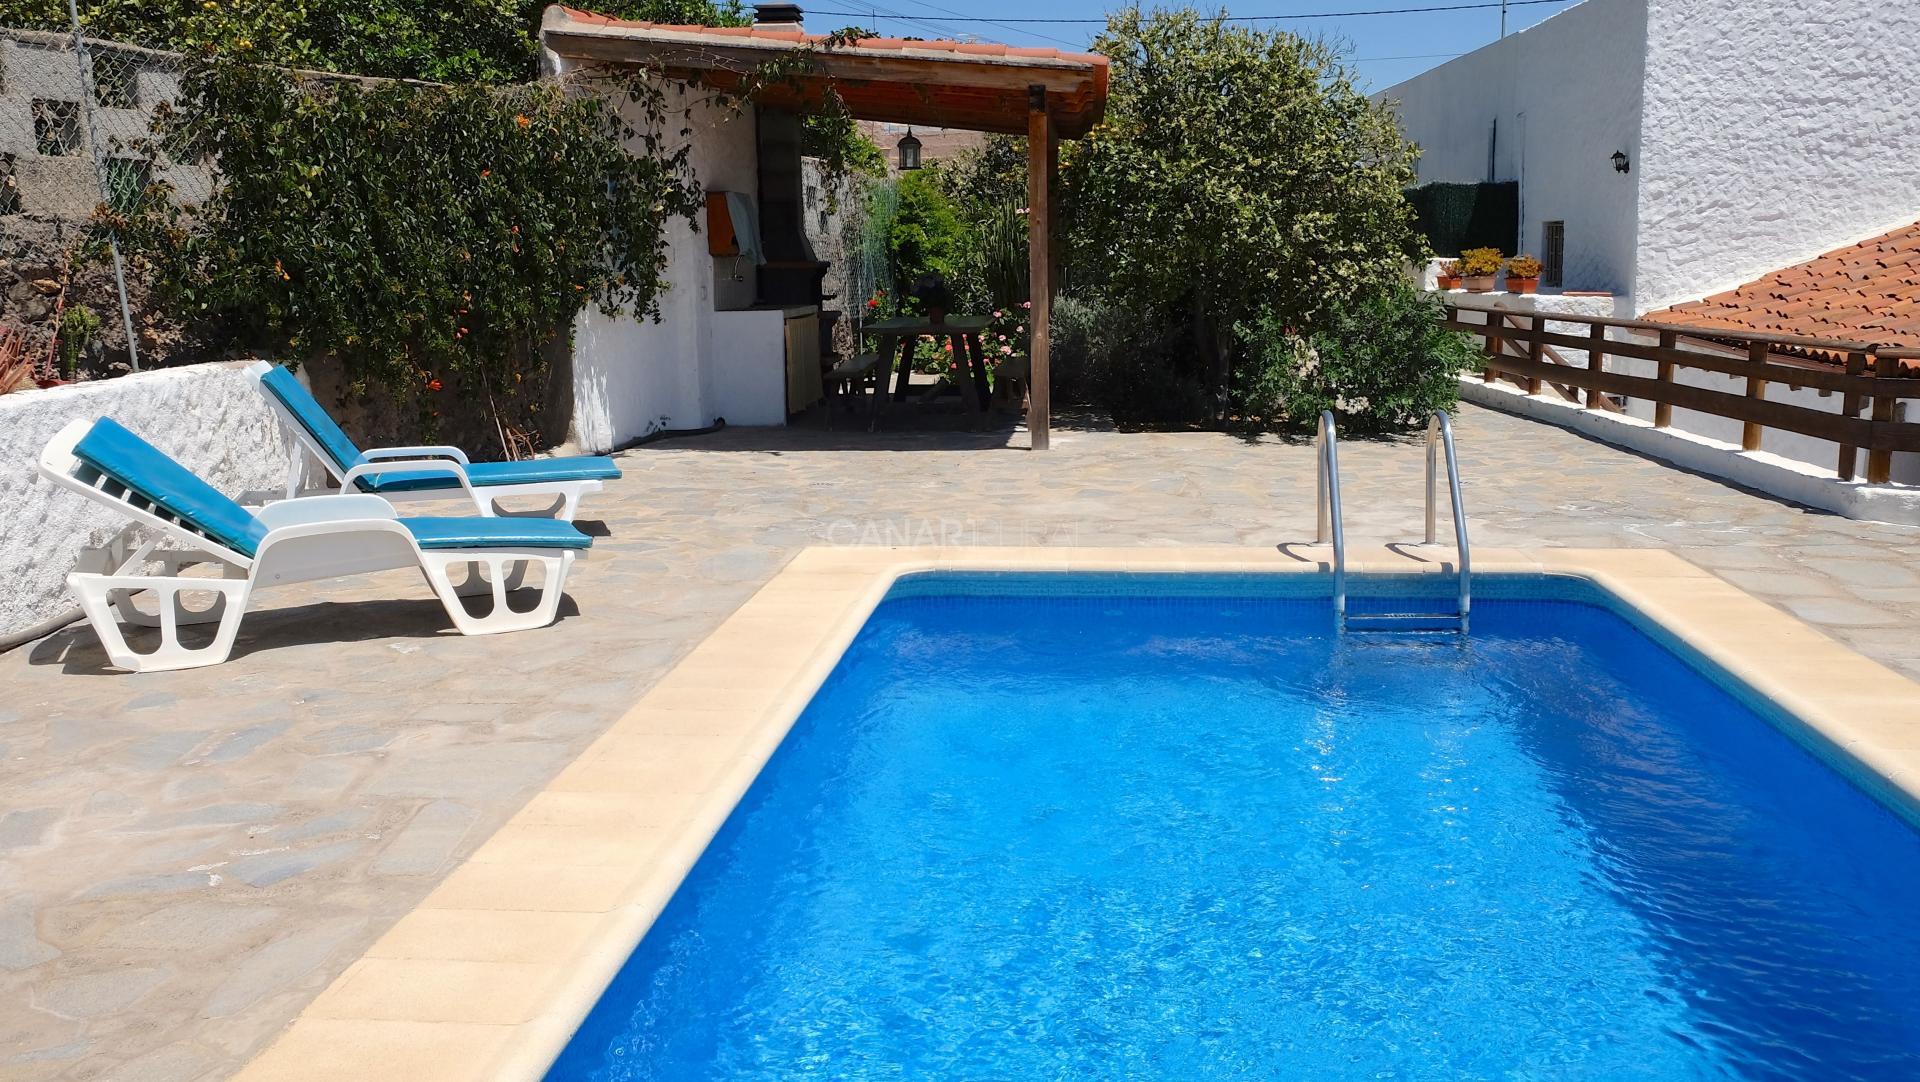 Casa Sofia, Ferienhäuser en Teneriffa, Granadilla de Abona